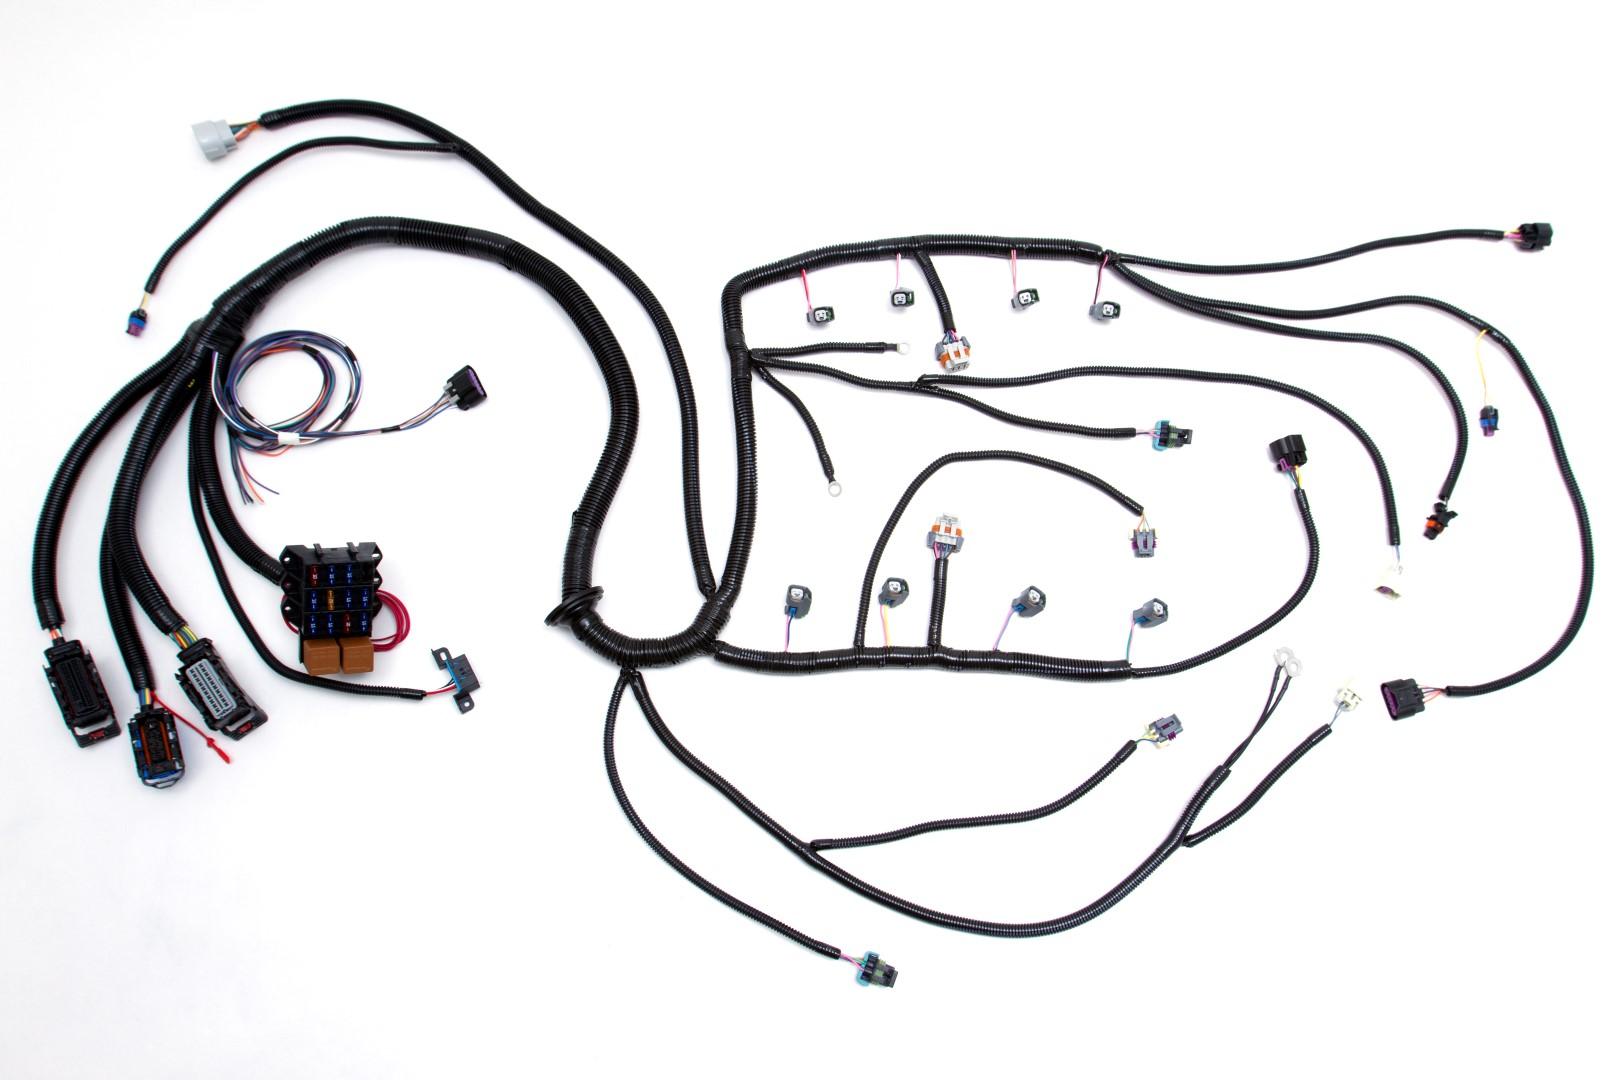 08 Ls2 6 0l 58x Standalone Wiring Harness W 4l60e